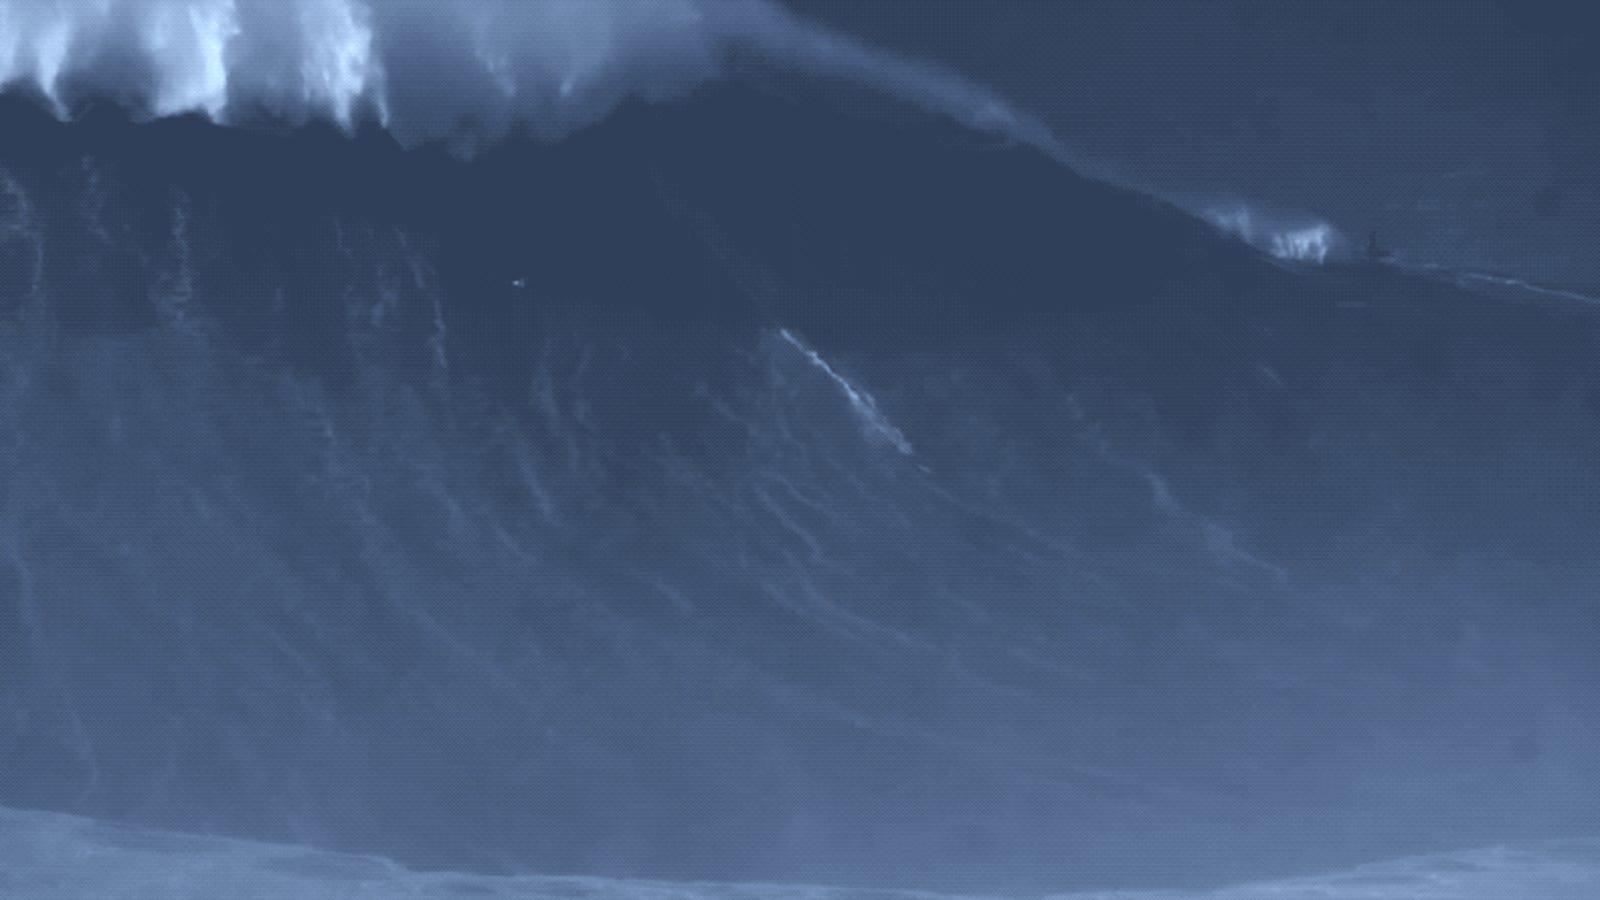 Bate el récord mundial al surfear una ola de 25 metros en el mismo sitio en el que casi muere intentándolo